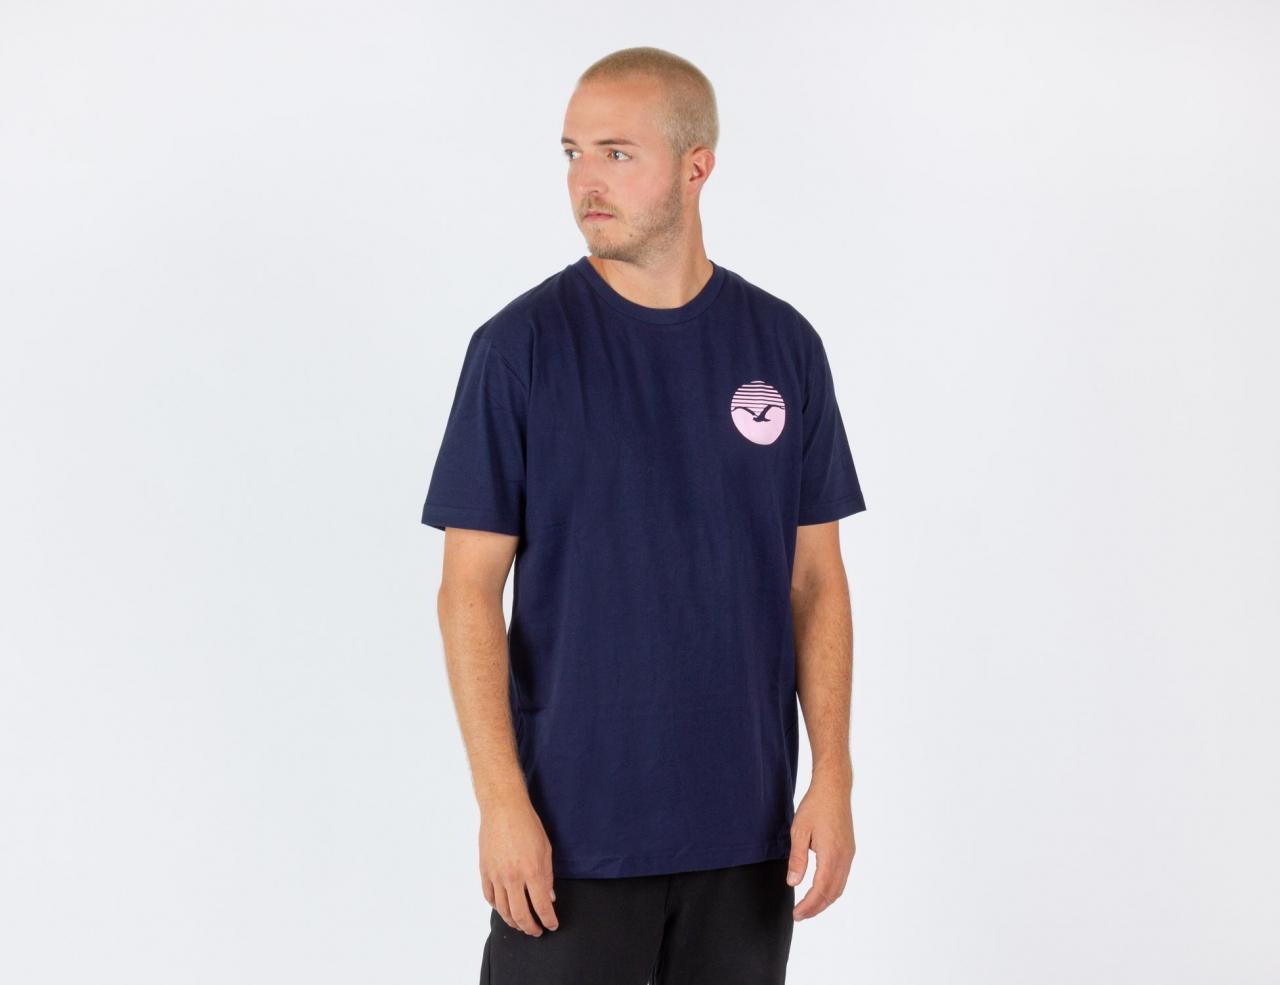 Cleptomanicx Sunrise 2 T-Shirt